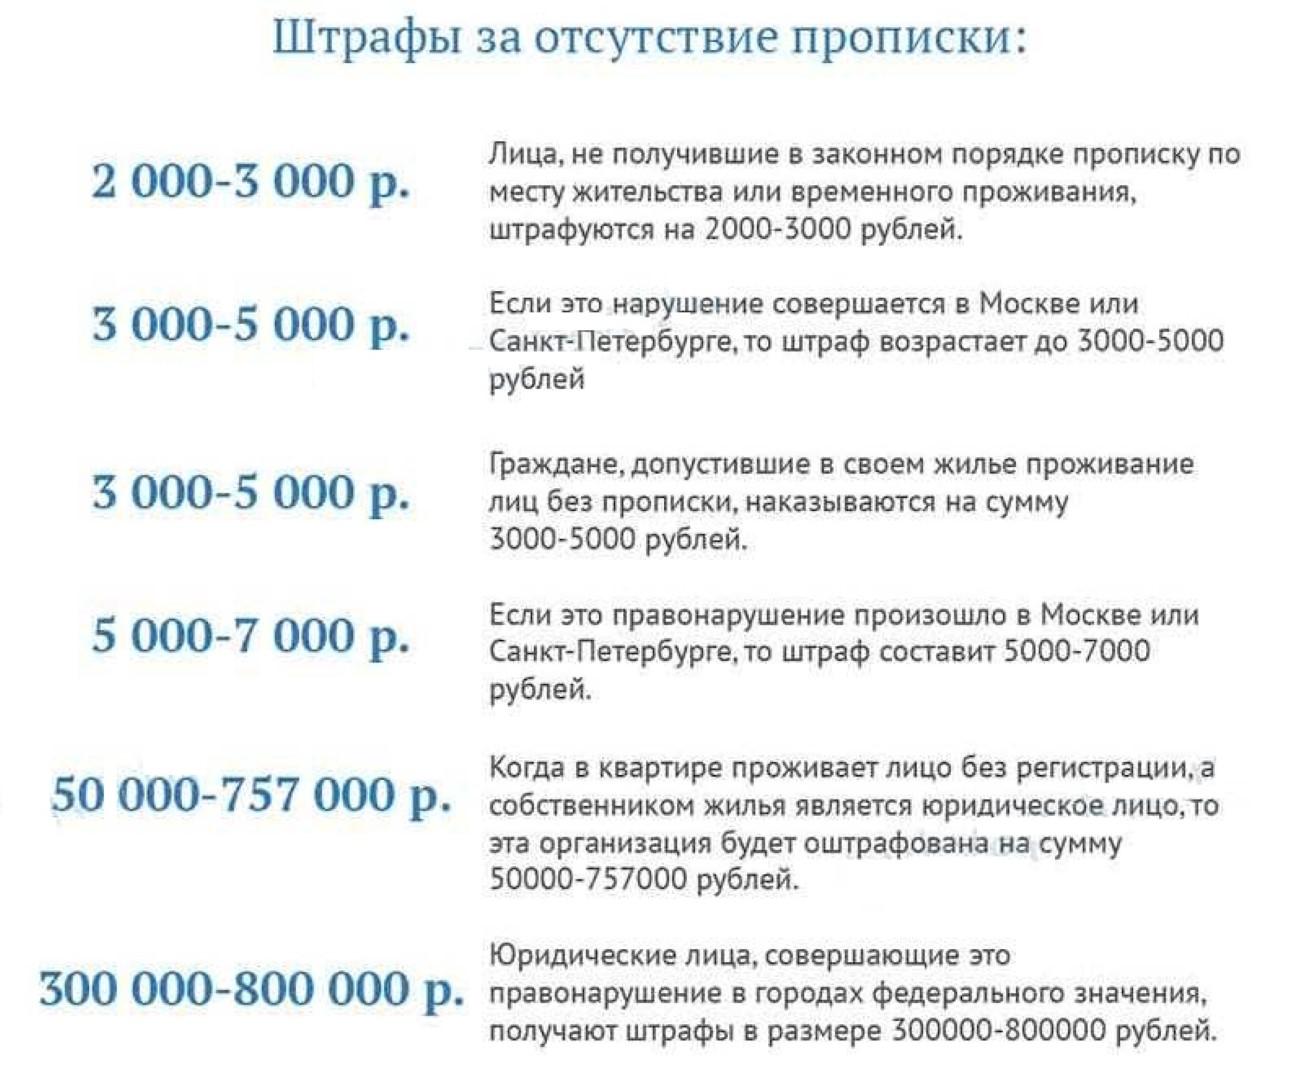 Сколько можно жить без регистрации (время)